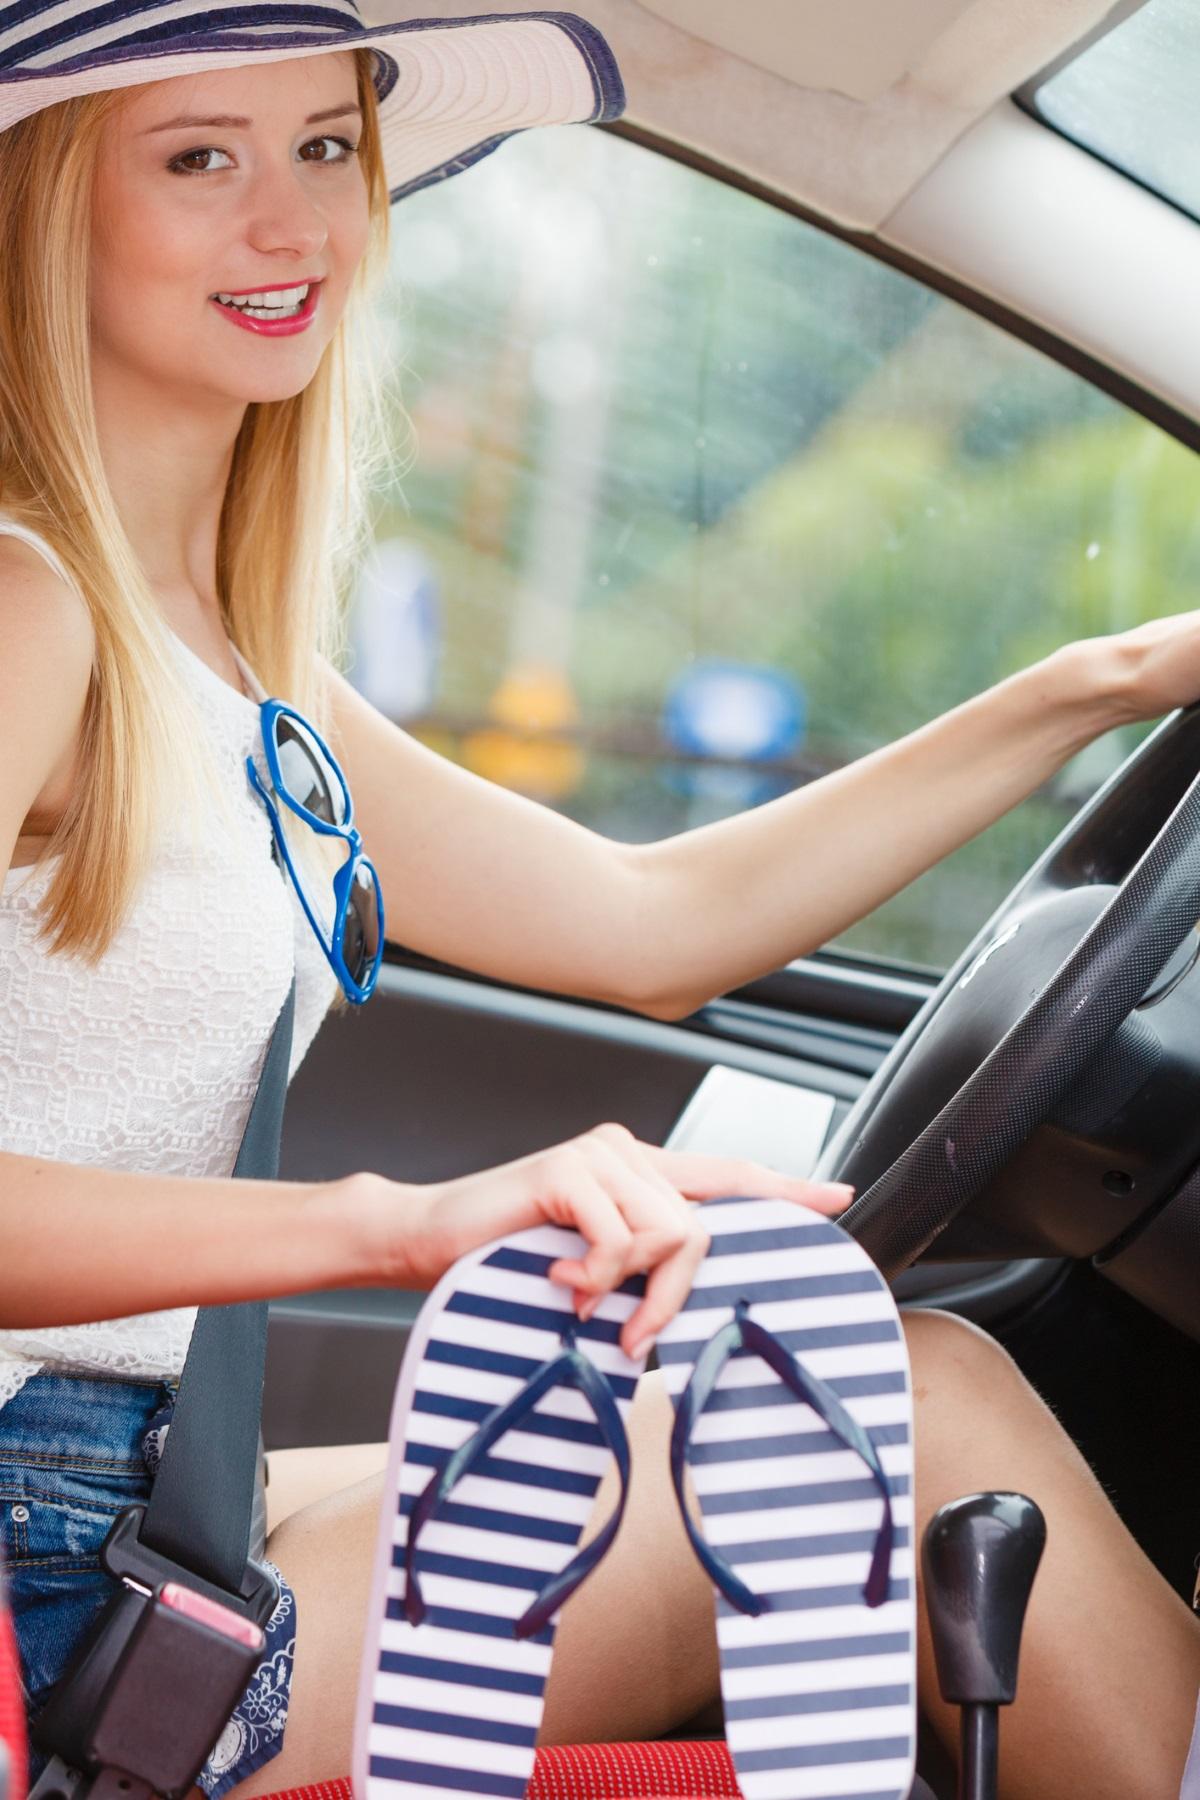 В Испания е забранено шофирането с джапанки или с каквито и да е отворени отзад или отпред обувки, както и с обувки с висок ток. Шофирането с боси крака също е забранено. Глобите за неспазване на тези правила може да излязат до 200 евро.